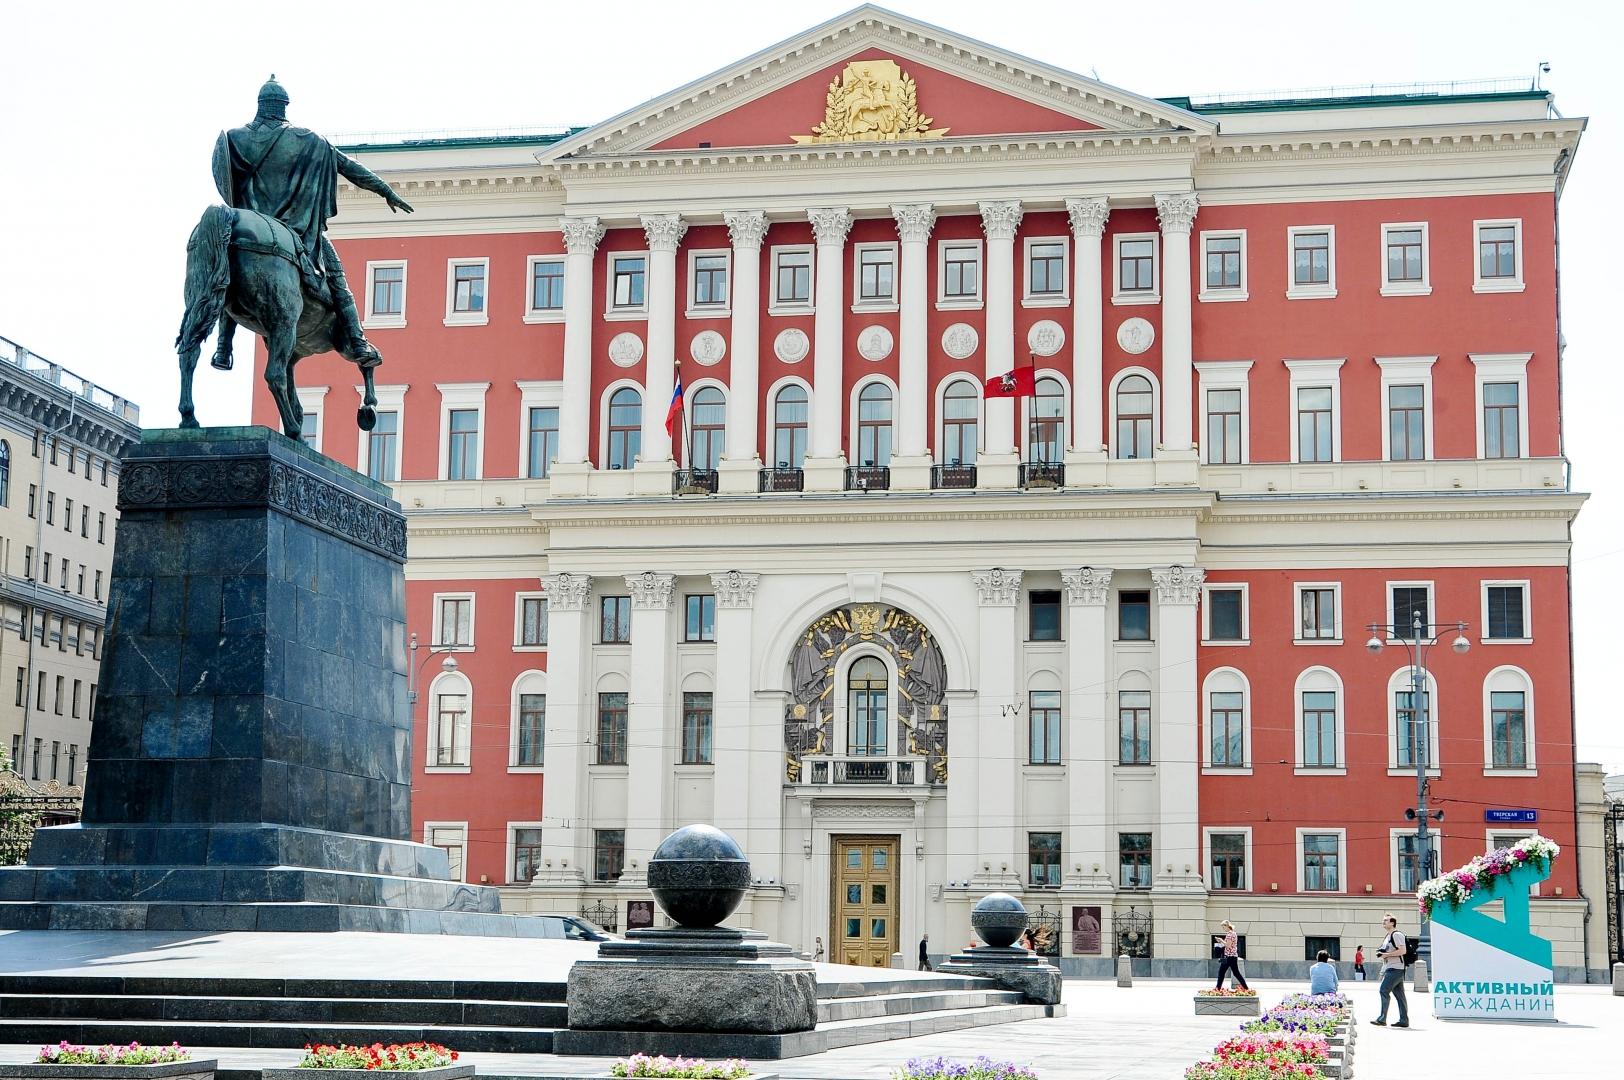 Мэрия заказала расширенное цифровое досье на москвичей